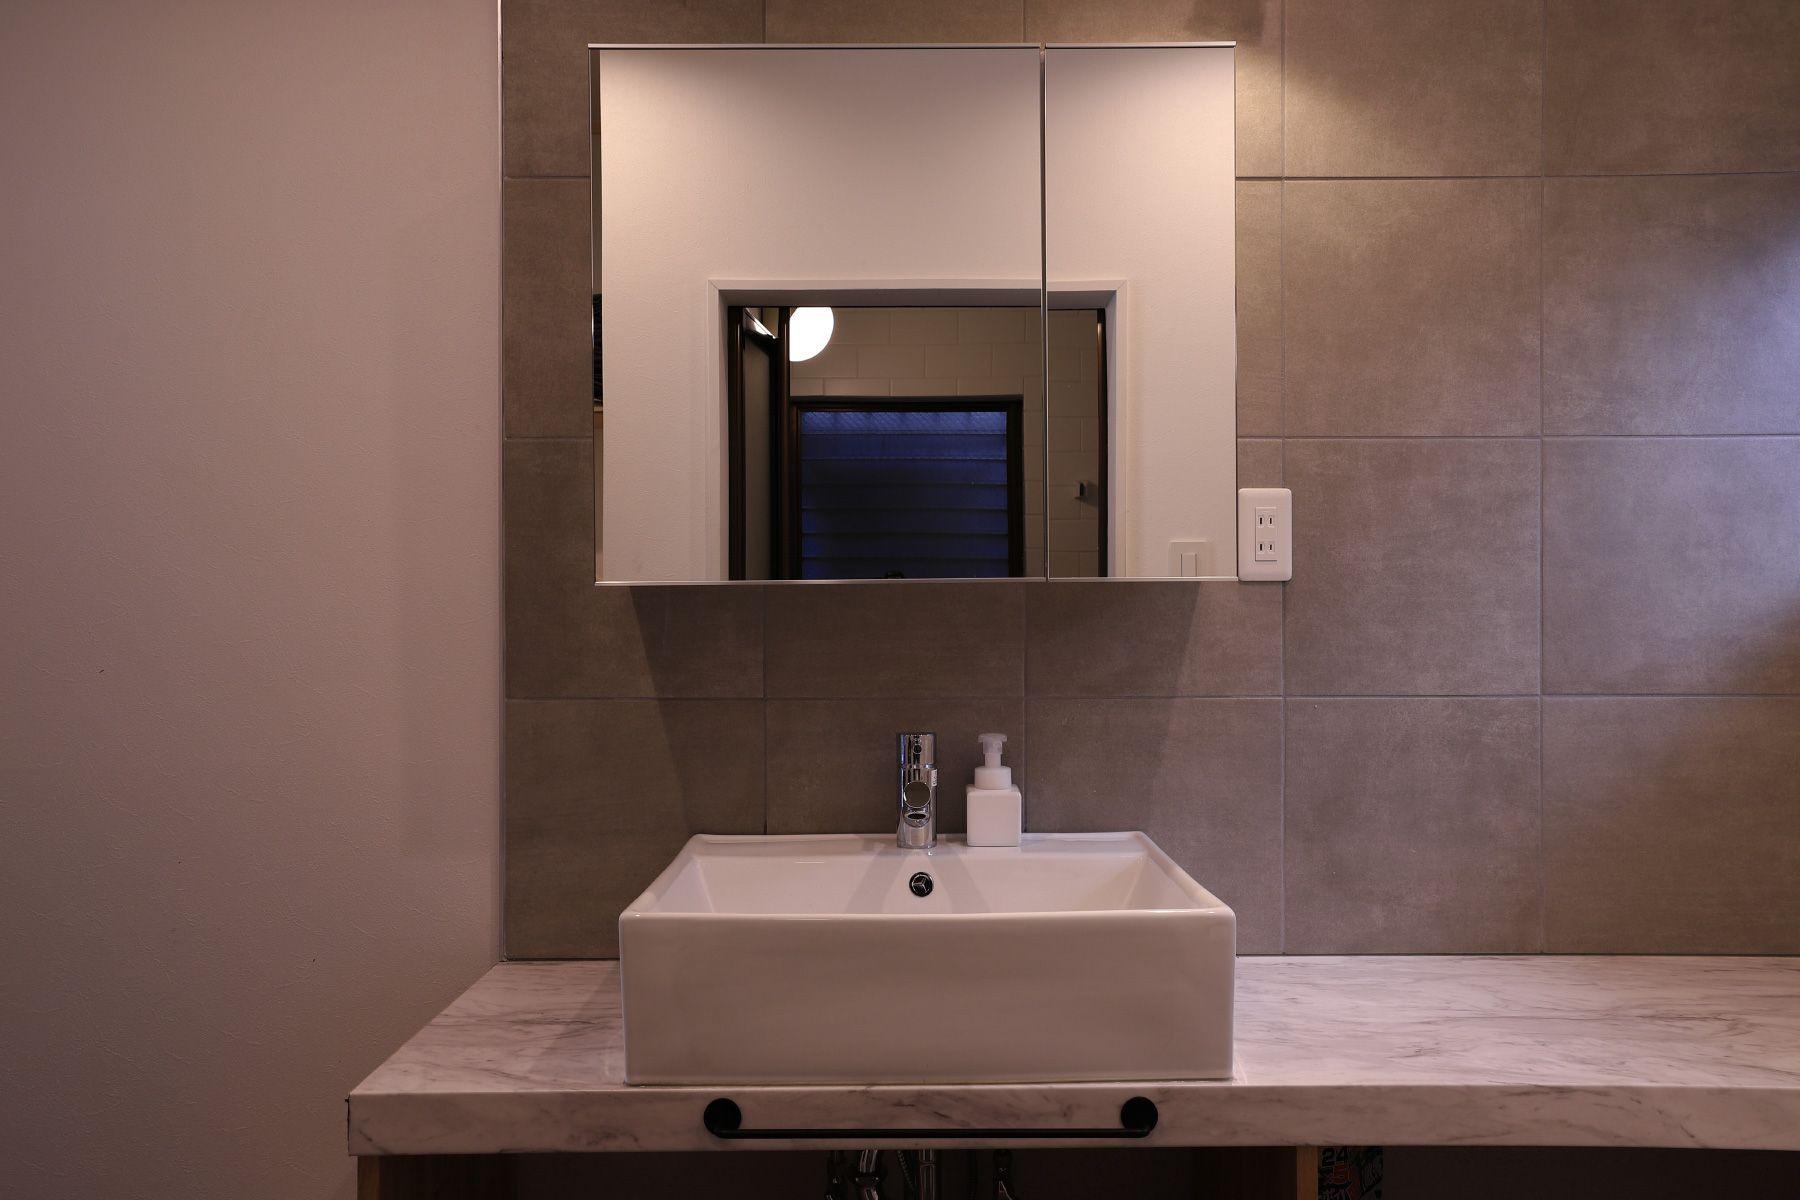 846 apartment (846 アパートメント)2F